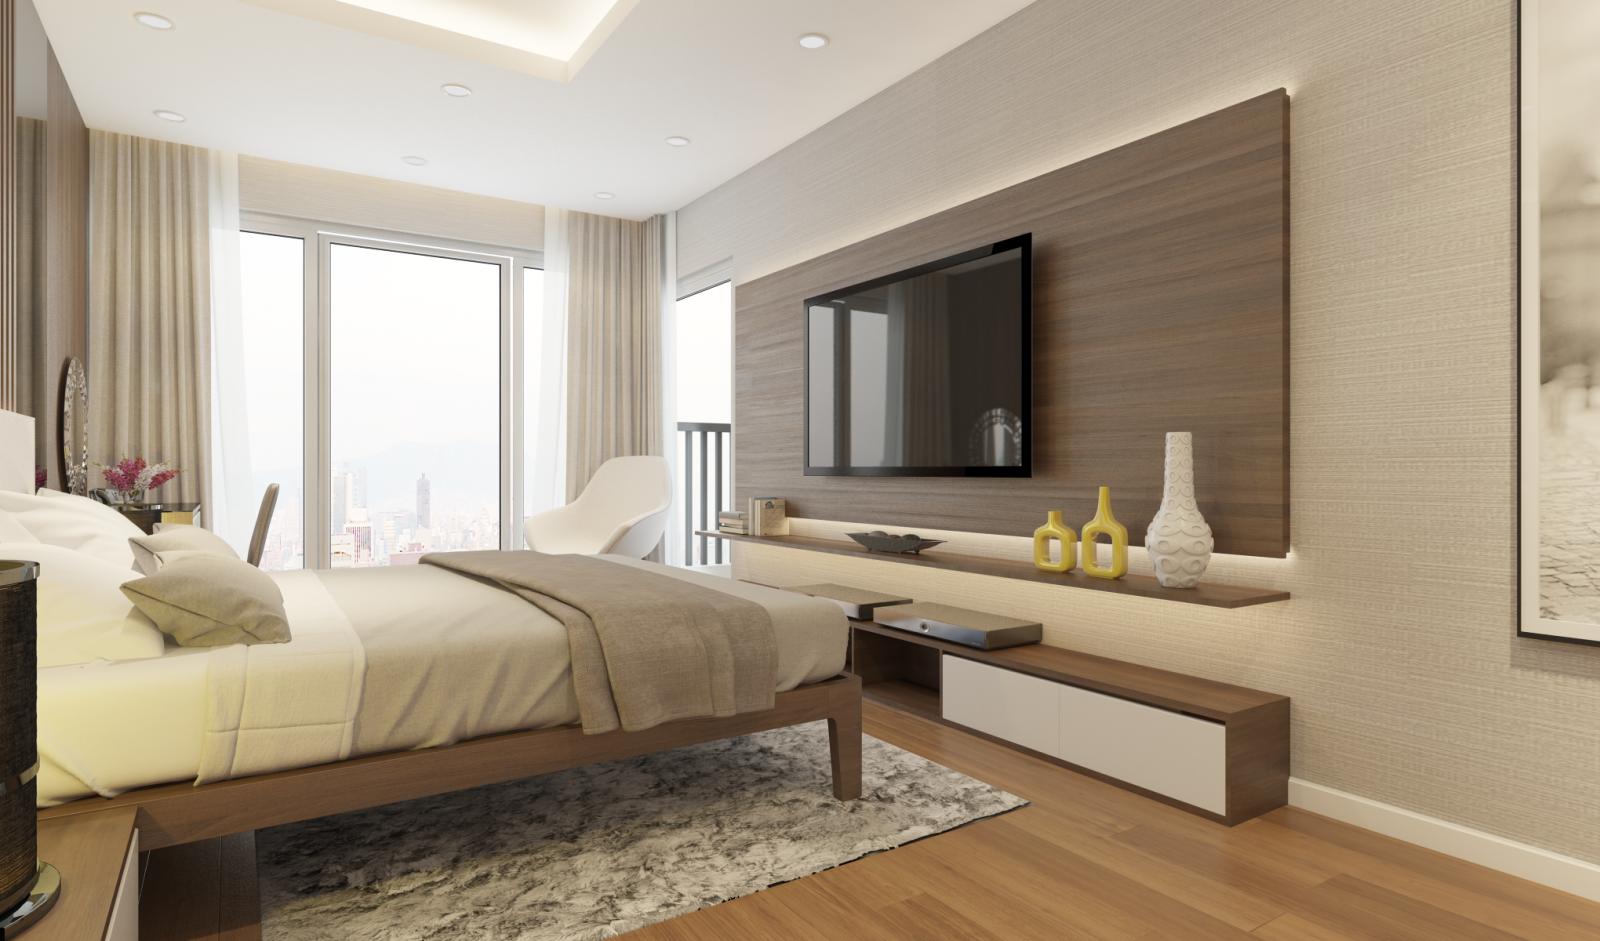 Thiết kế nội thất chung cư không gian ngủ